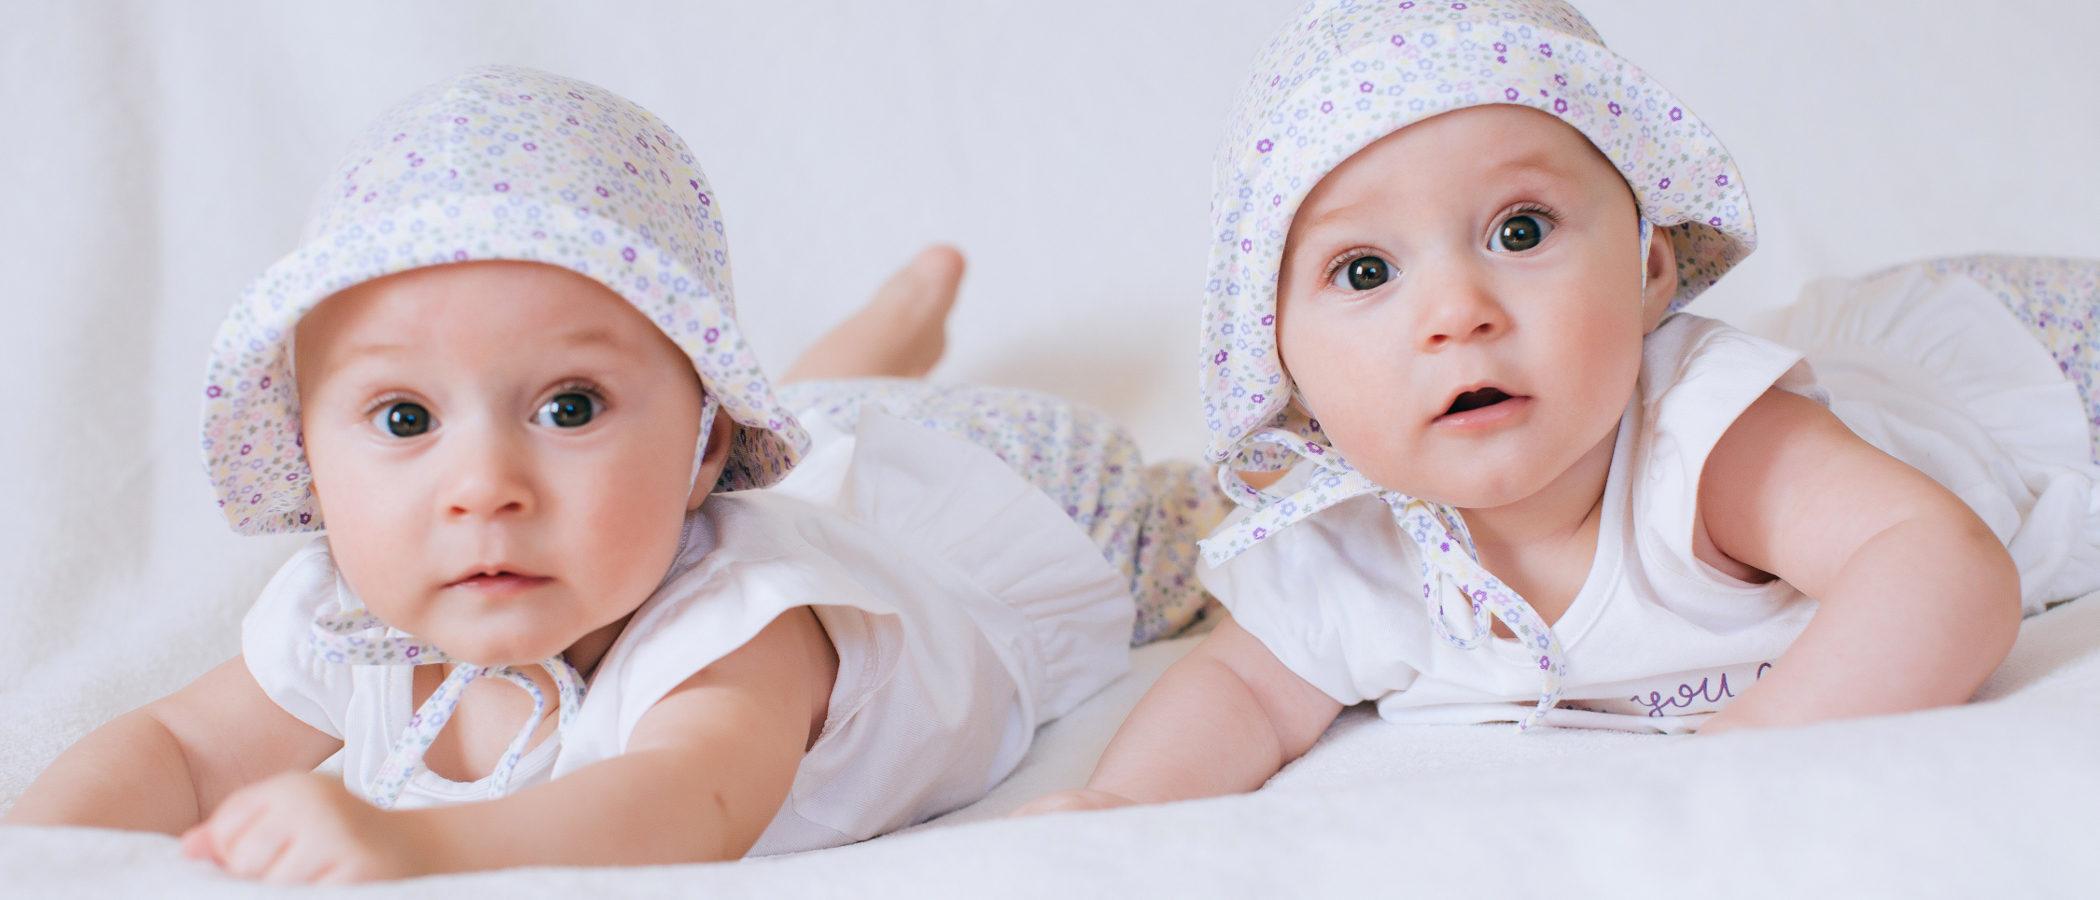 ¿Qué nombres elegir para una pareja de gemelas o mellizas?